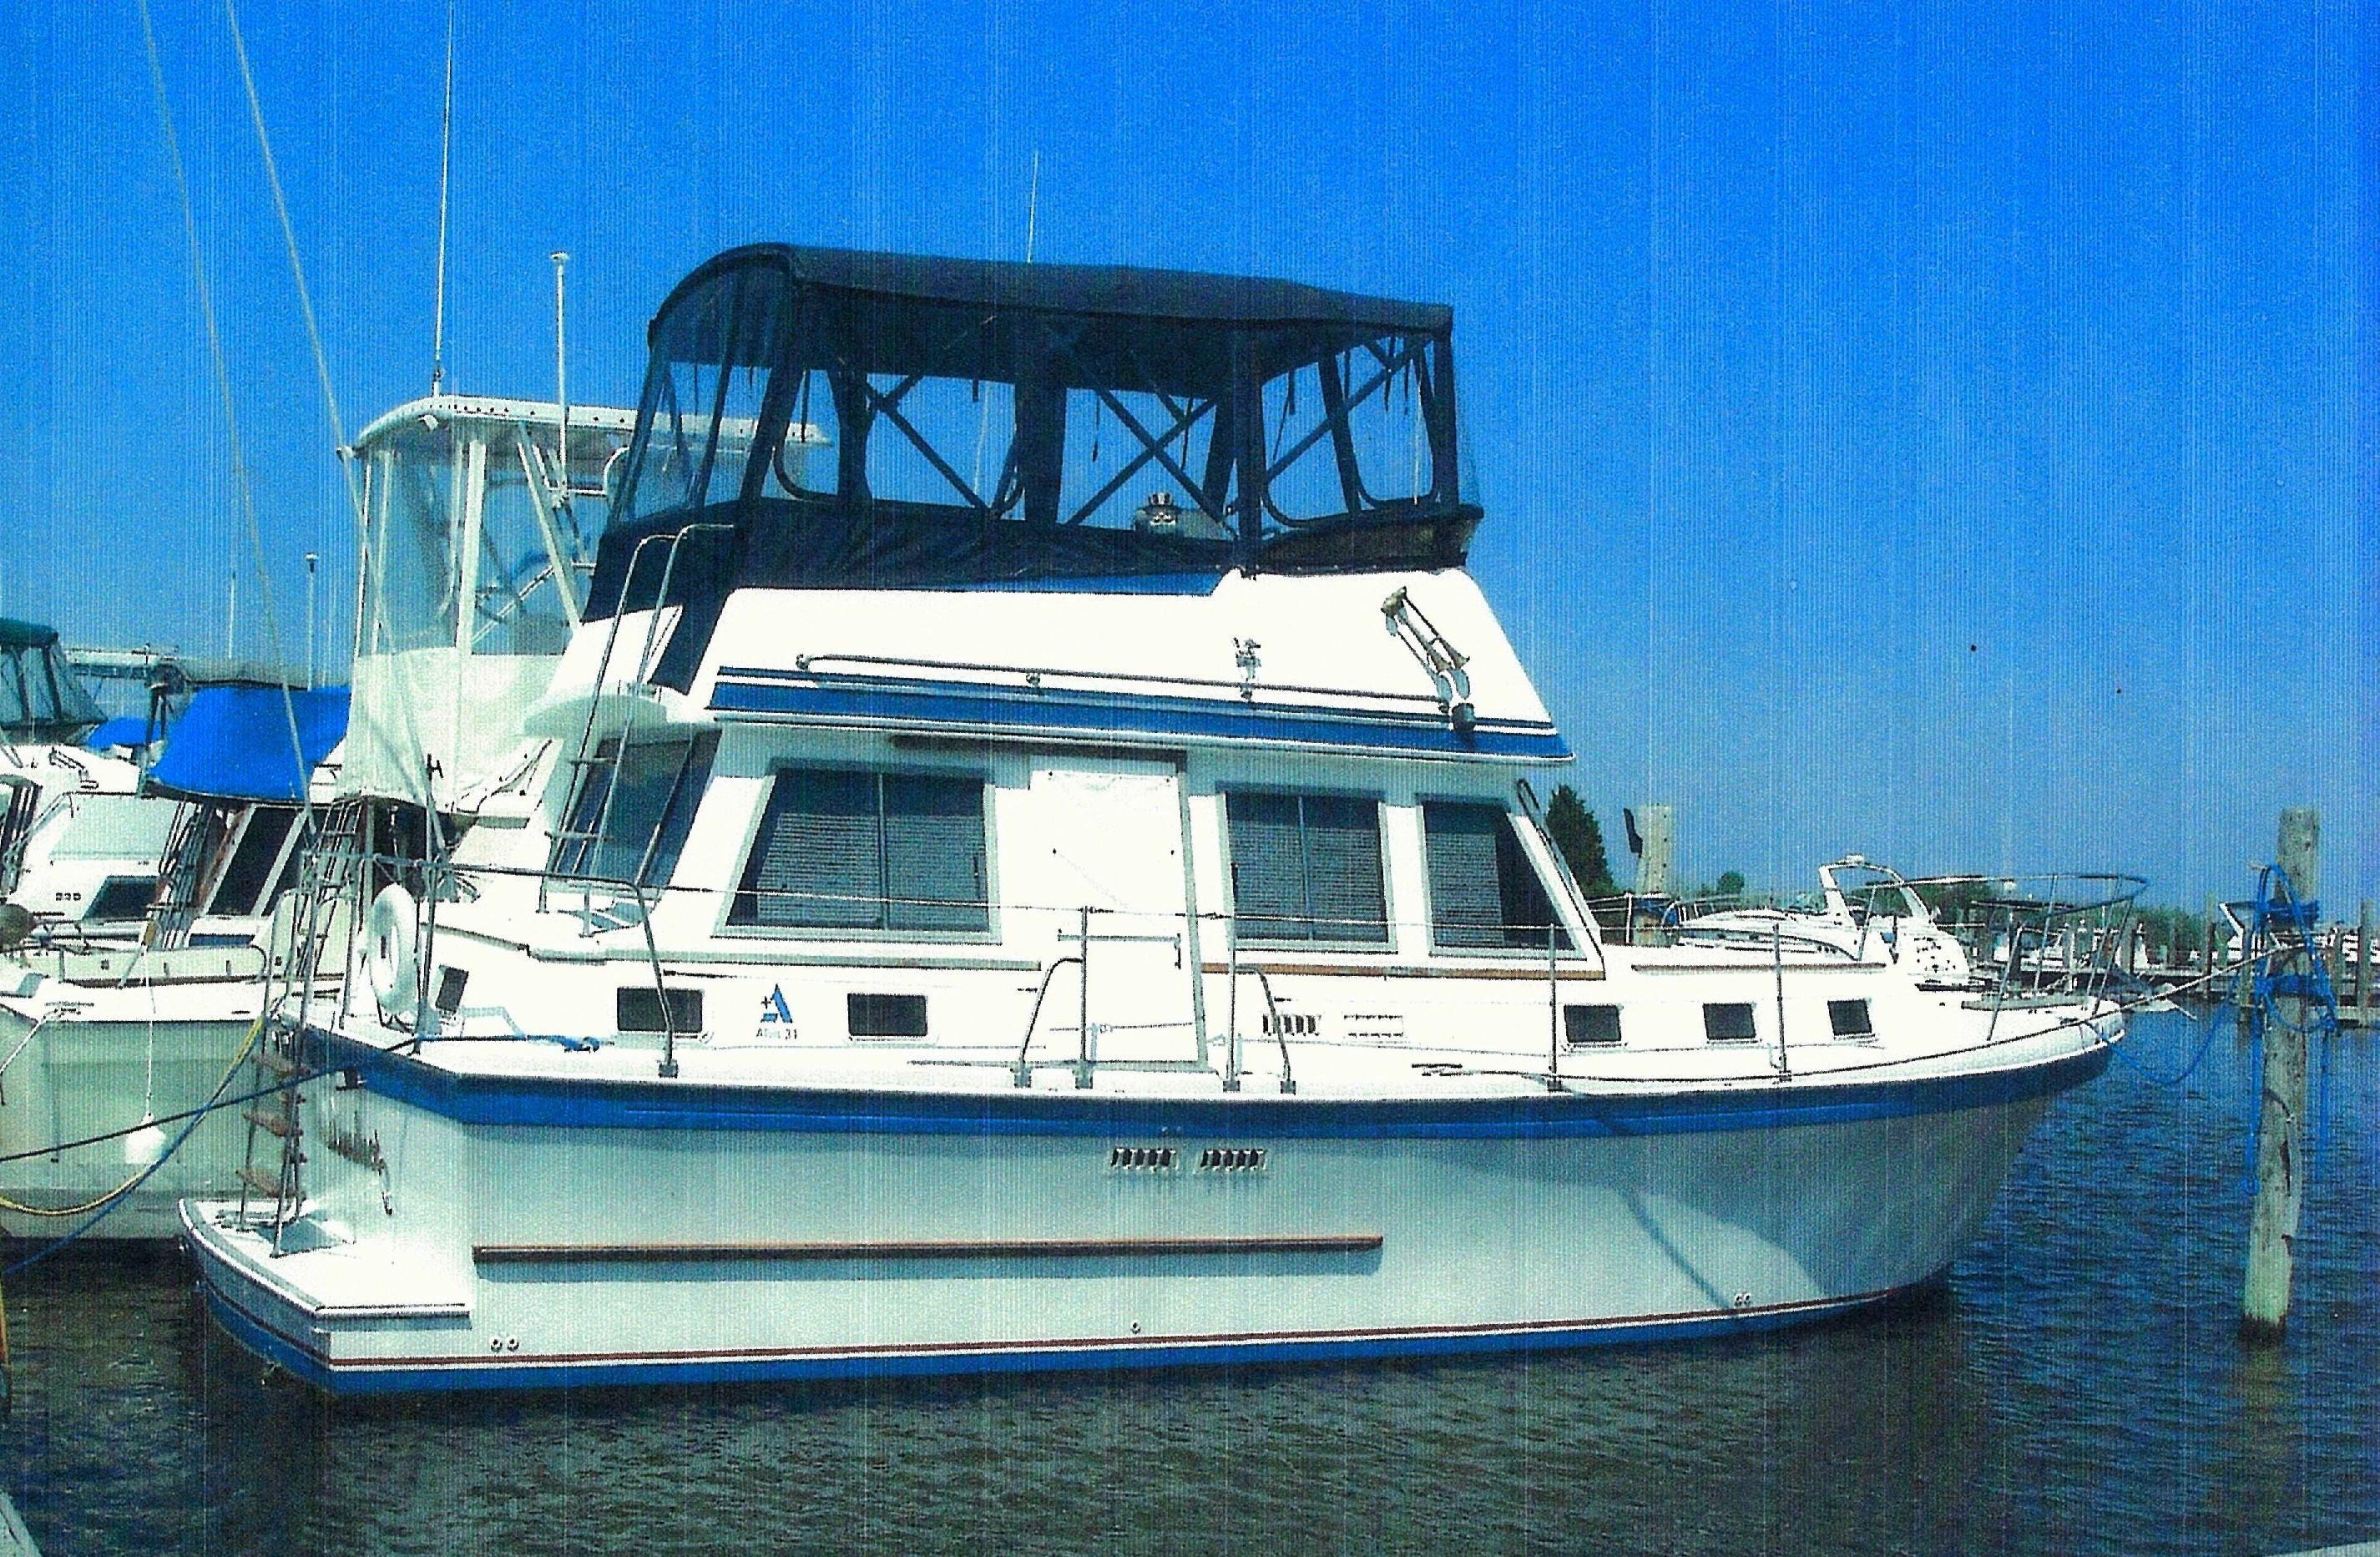 1989 Albin 34 Motor Yacht Power Boat For Sale Www